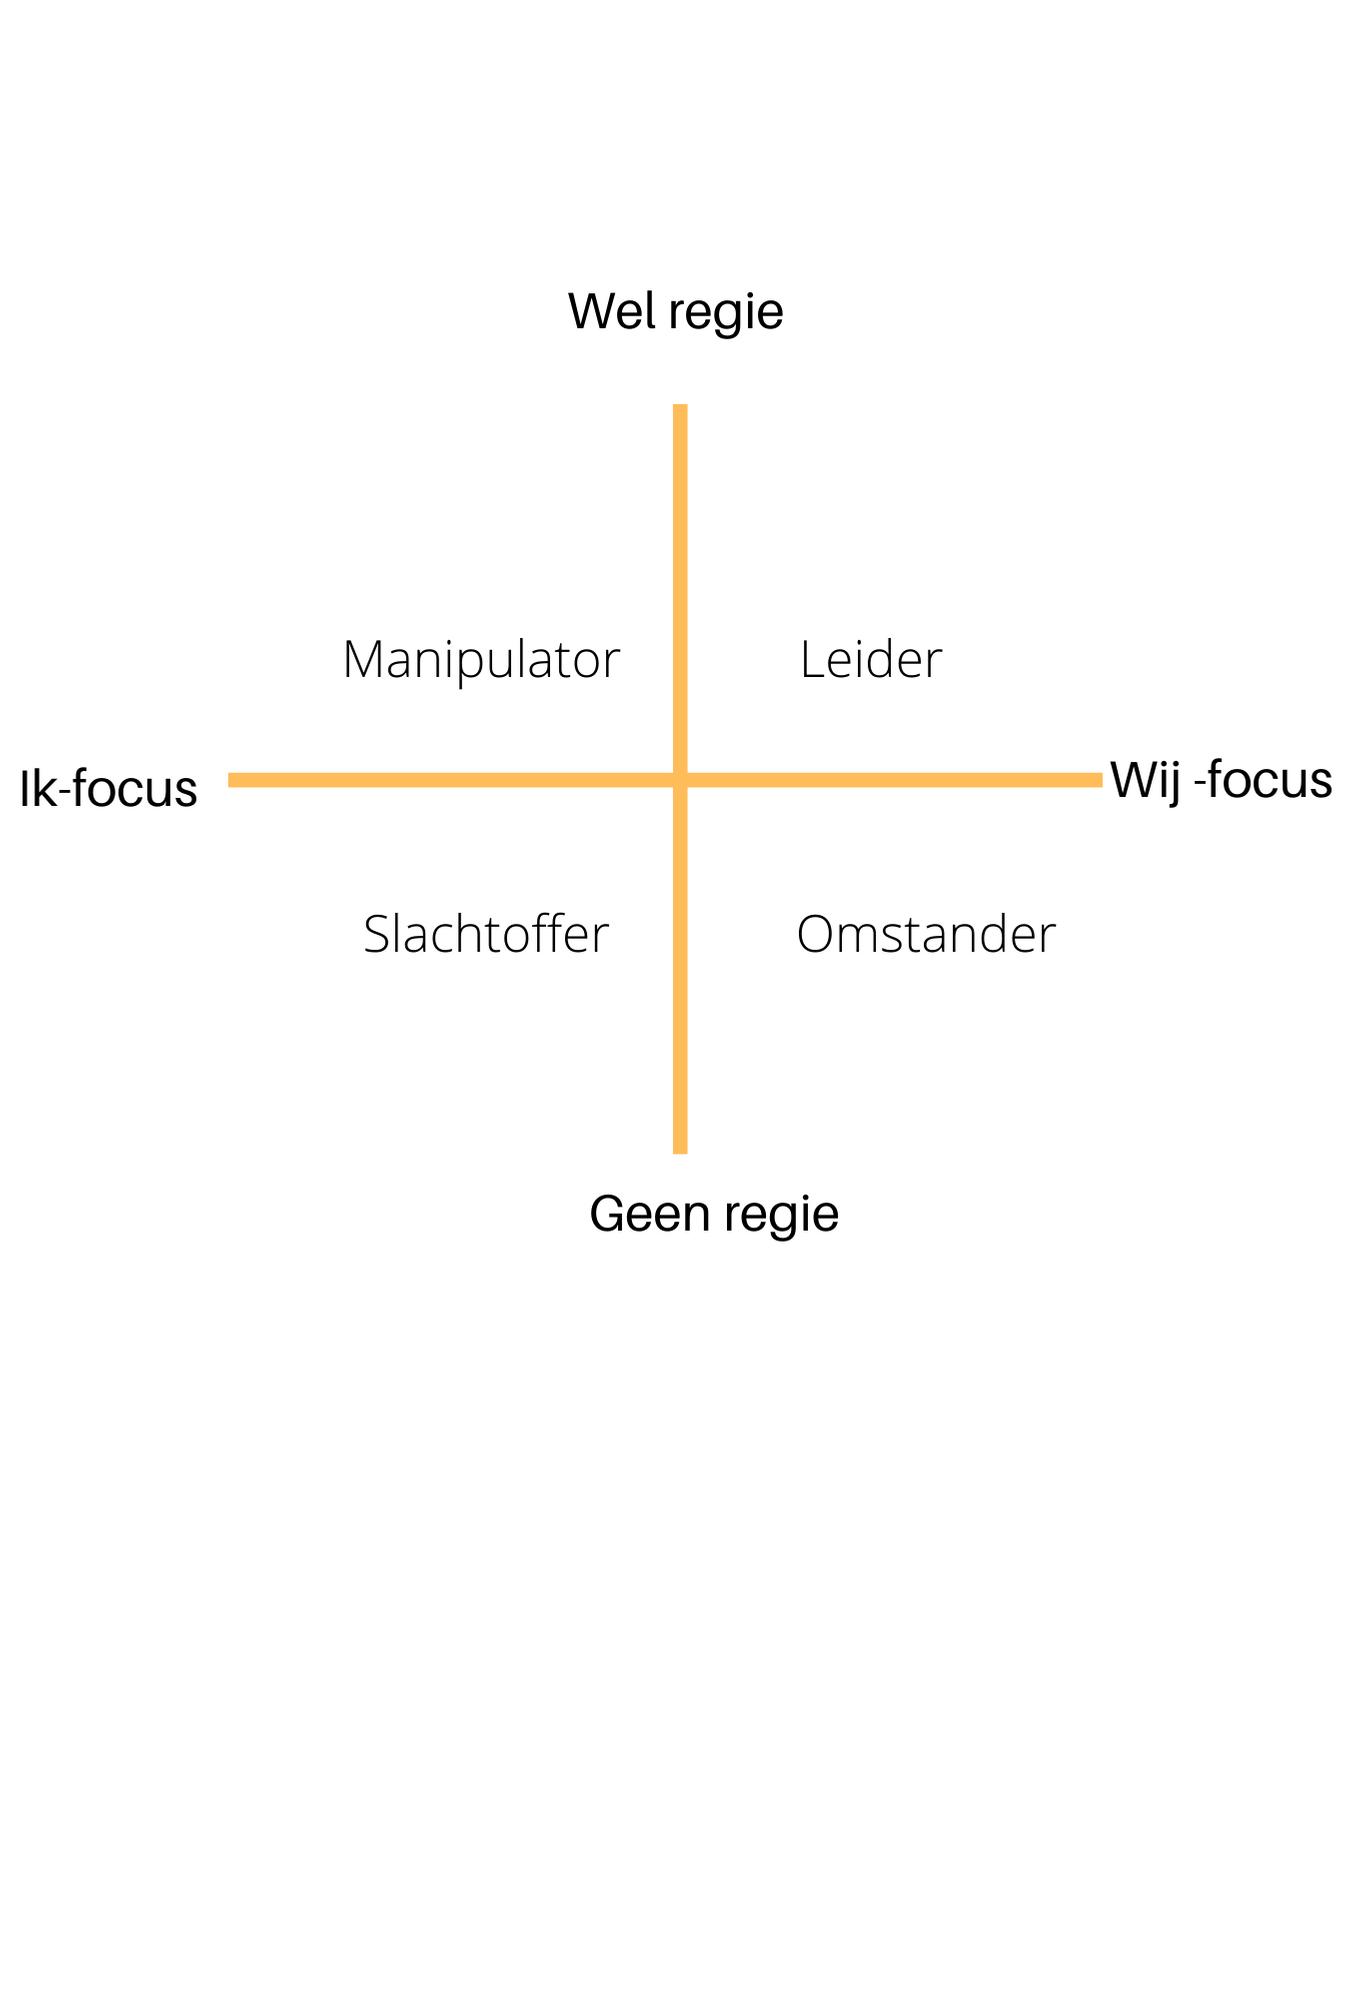 4 kwadraten van leiderschap - wel regie